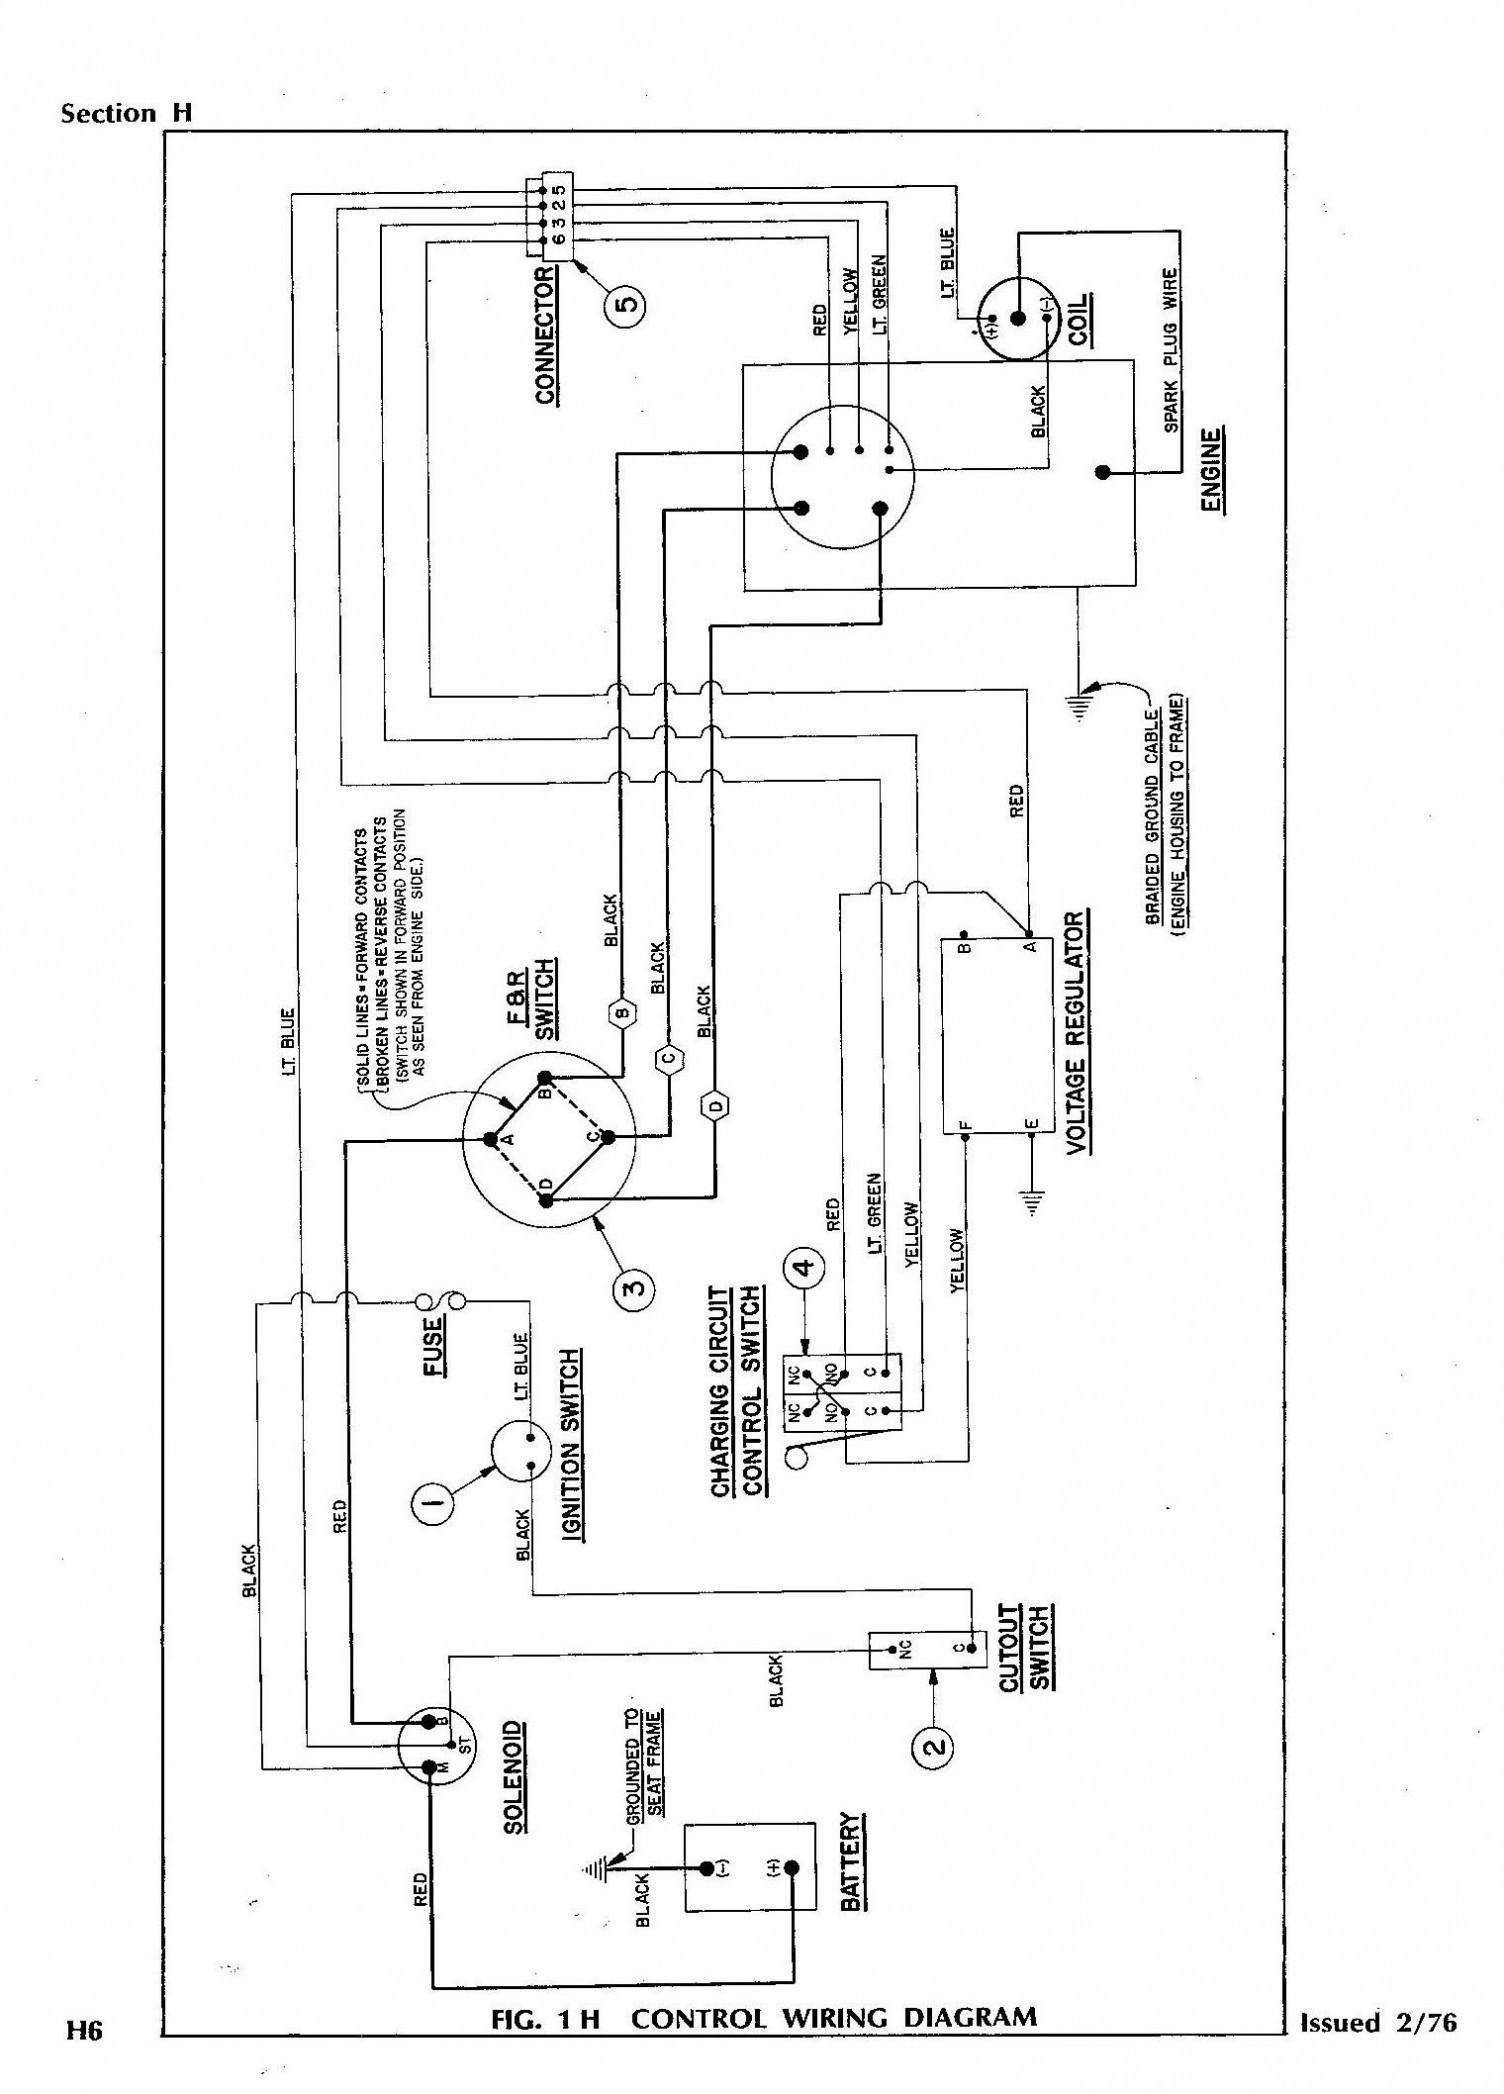 1992 Club Car Diagram Ds 6087] 36 Volt Club Car Wiring Diagram Schematic Of 1992 Club Car Diagram